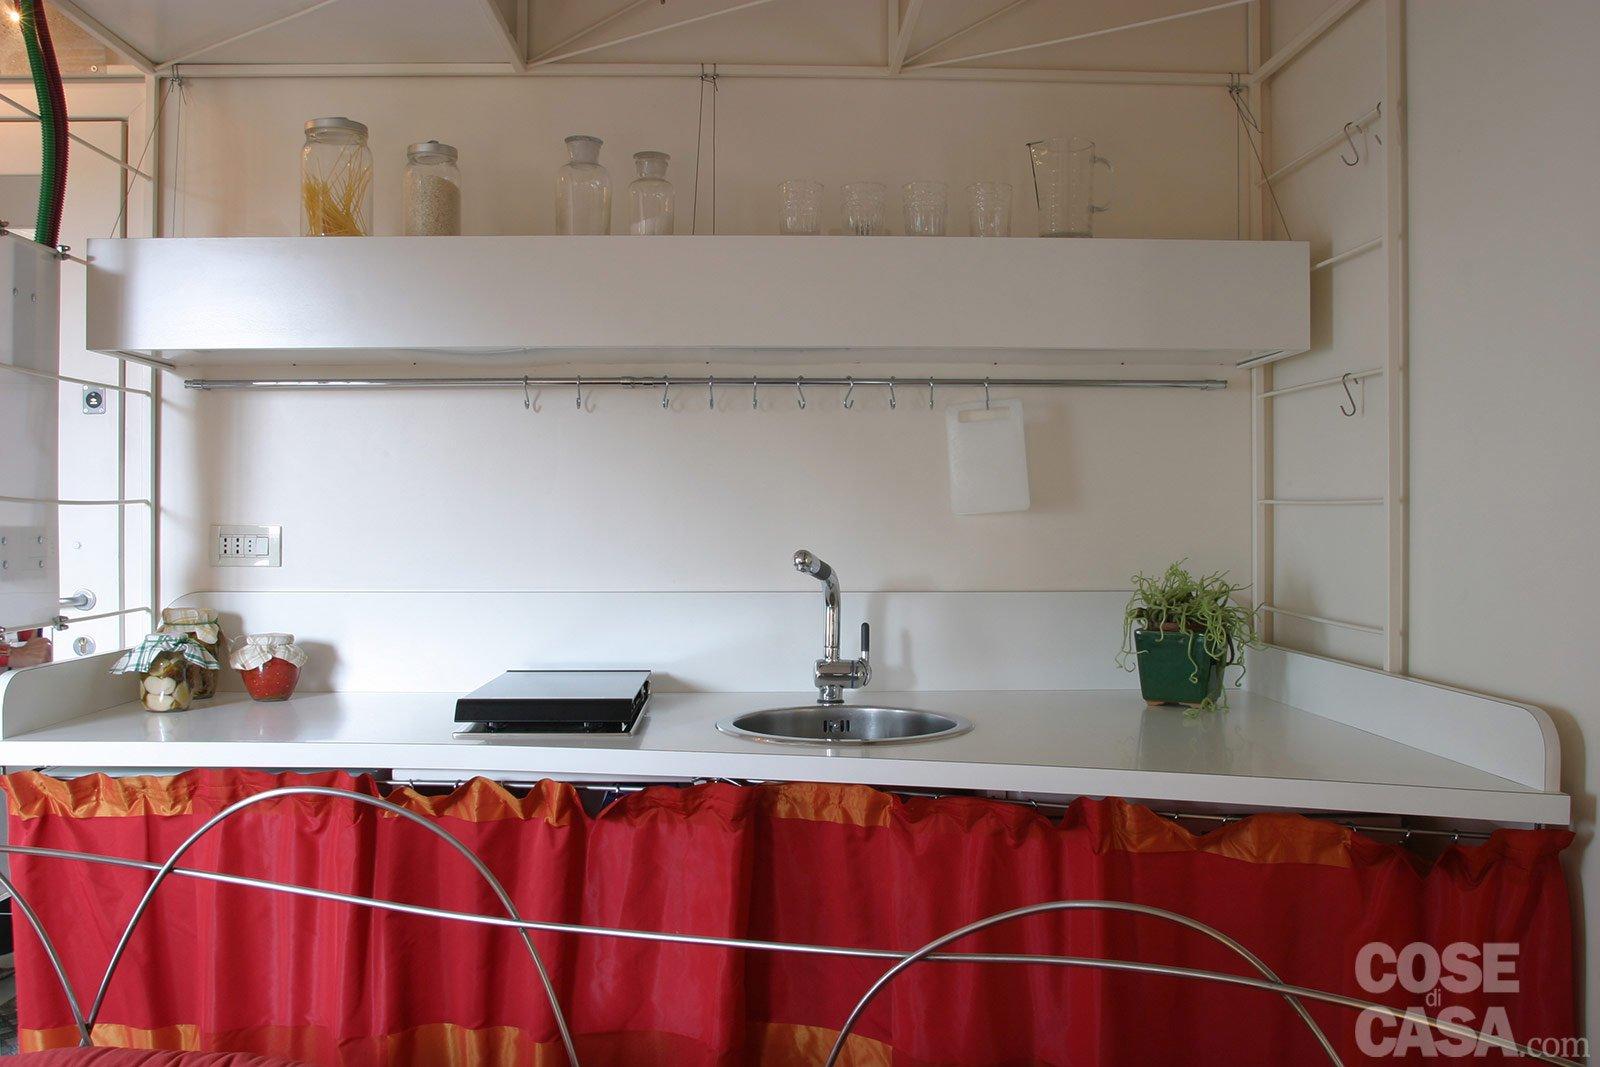 Pannelli Per Coprire Piastrelle Cucina Casa. Pannelli Decorativi Per ...